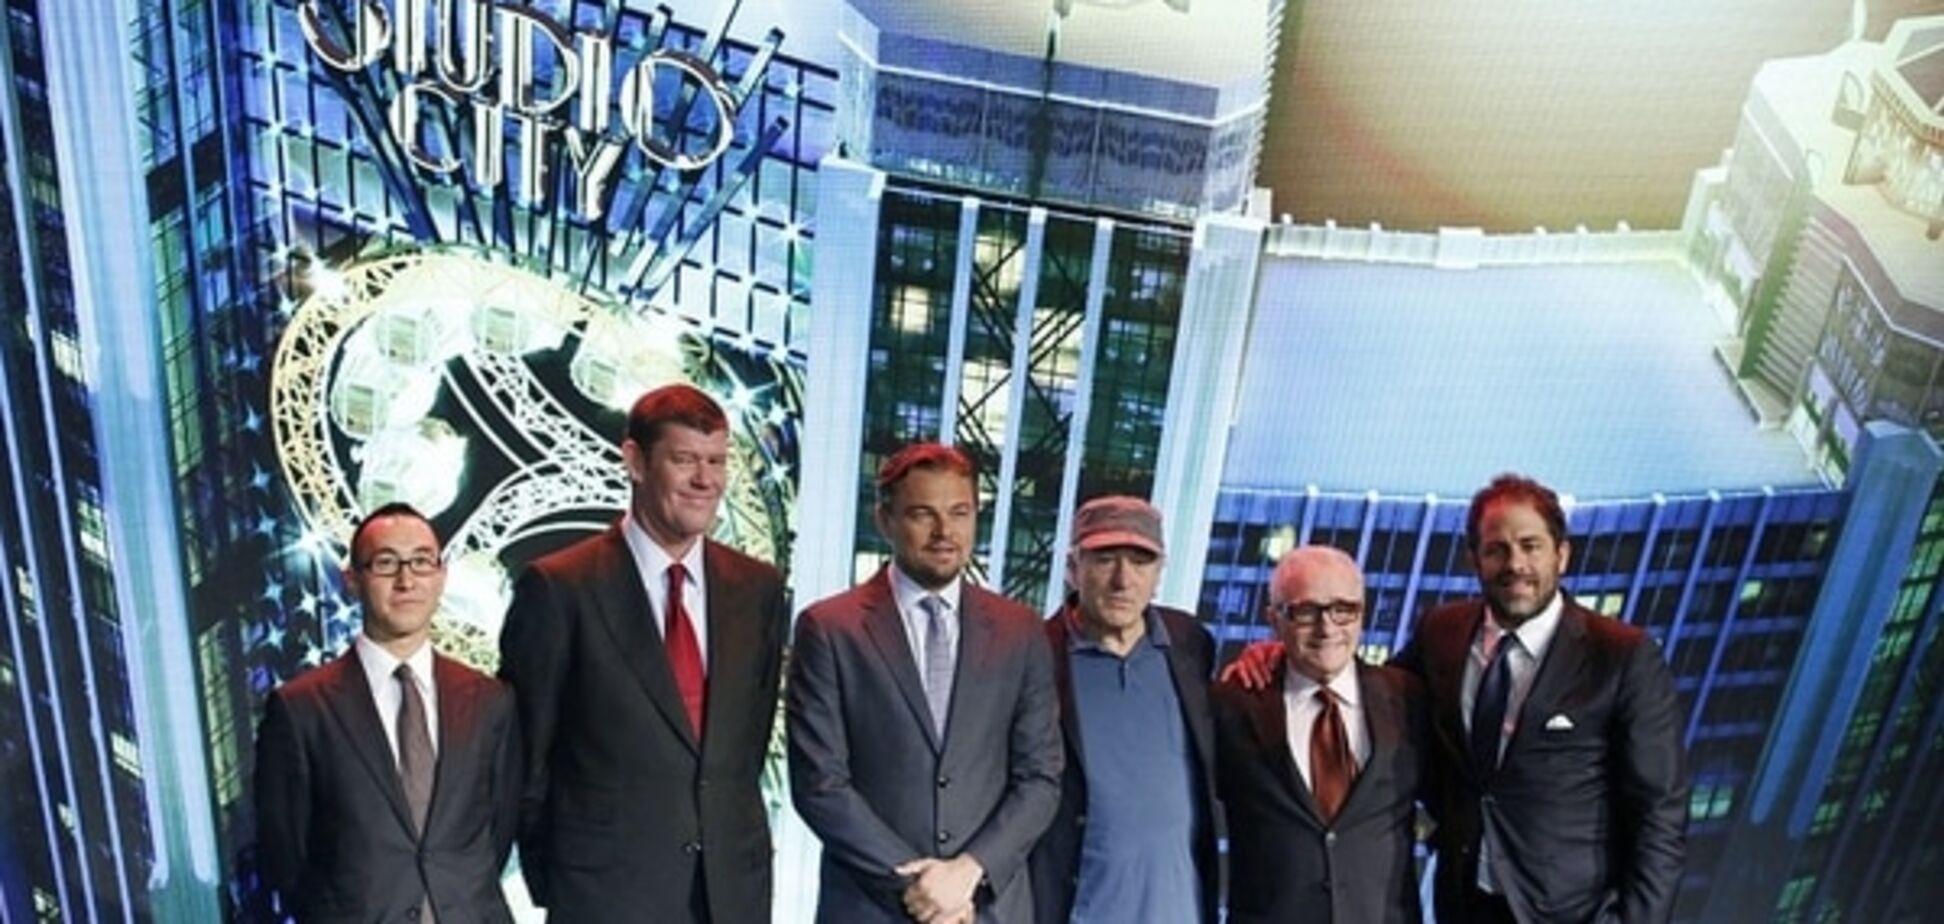 Жених-миллиардер Мэрайи Кэри собрал мировых звезд на открытии казино в Китае